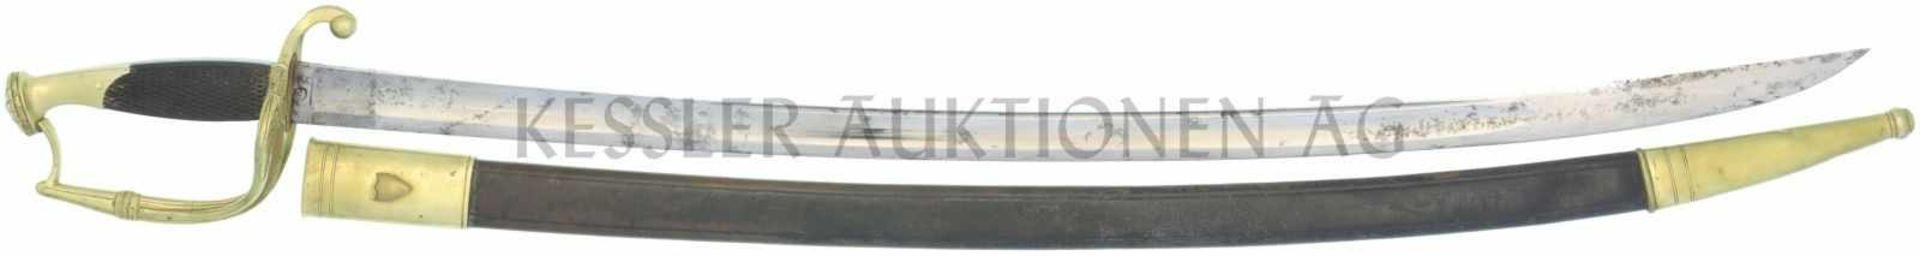 Stabsoffiziers-Säbel um 1830 KL 765mm, TL 900mm, gebogene Rückenklinge mit beidseitiger breiter